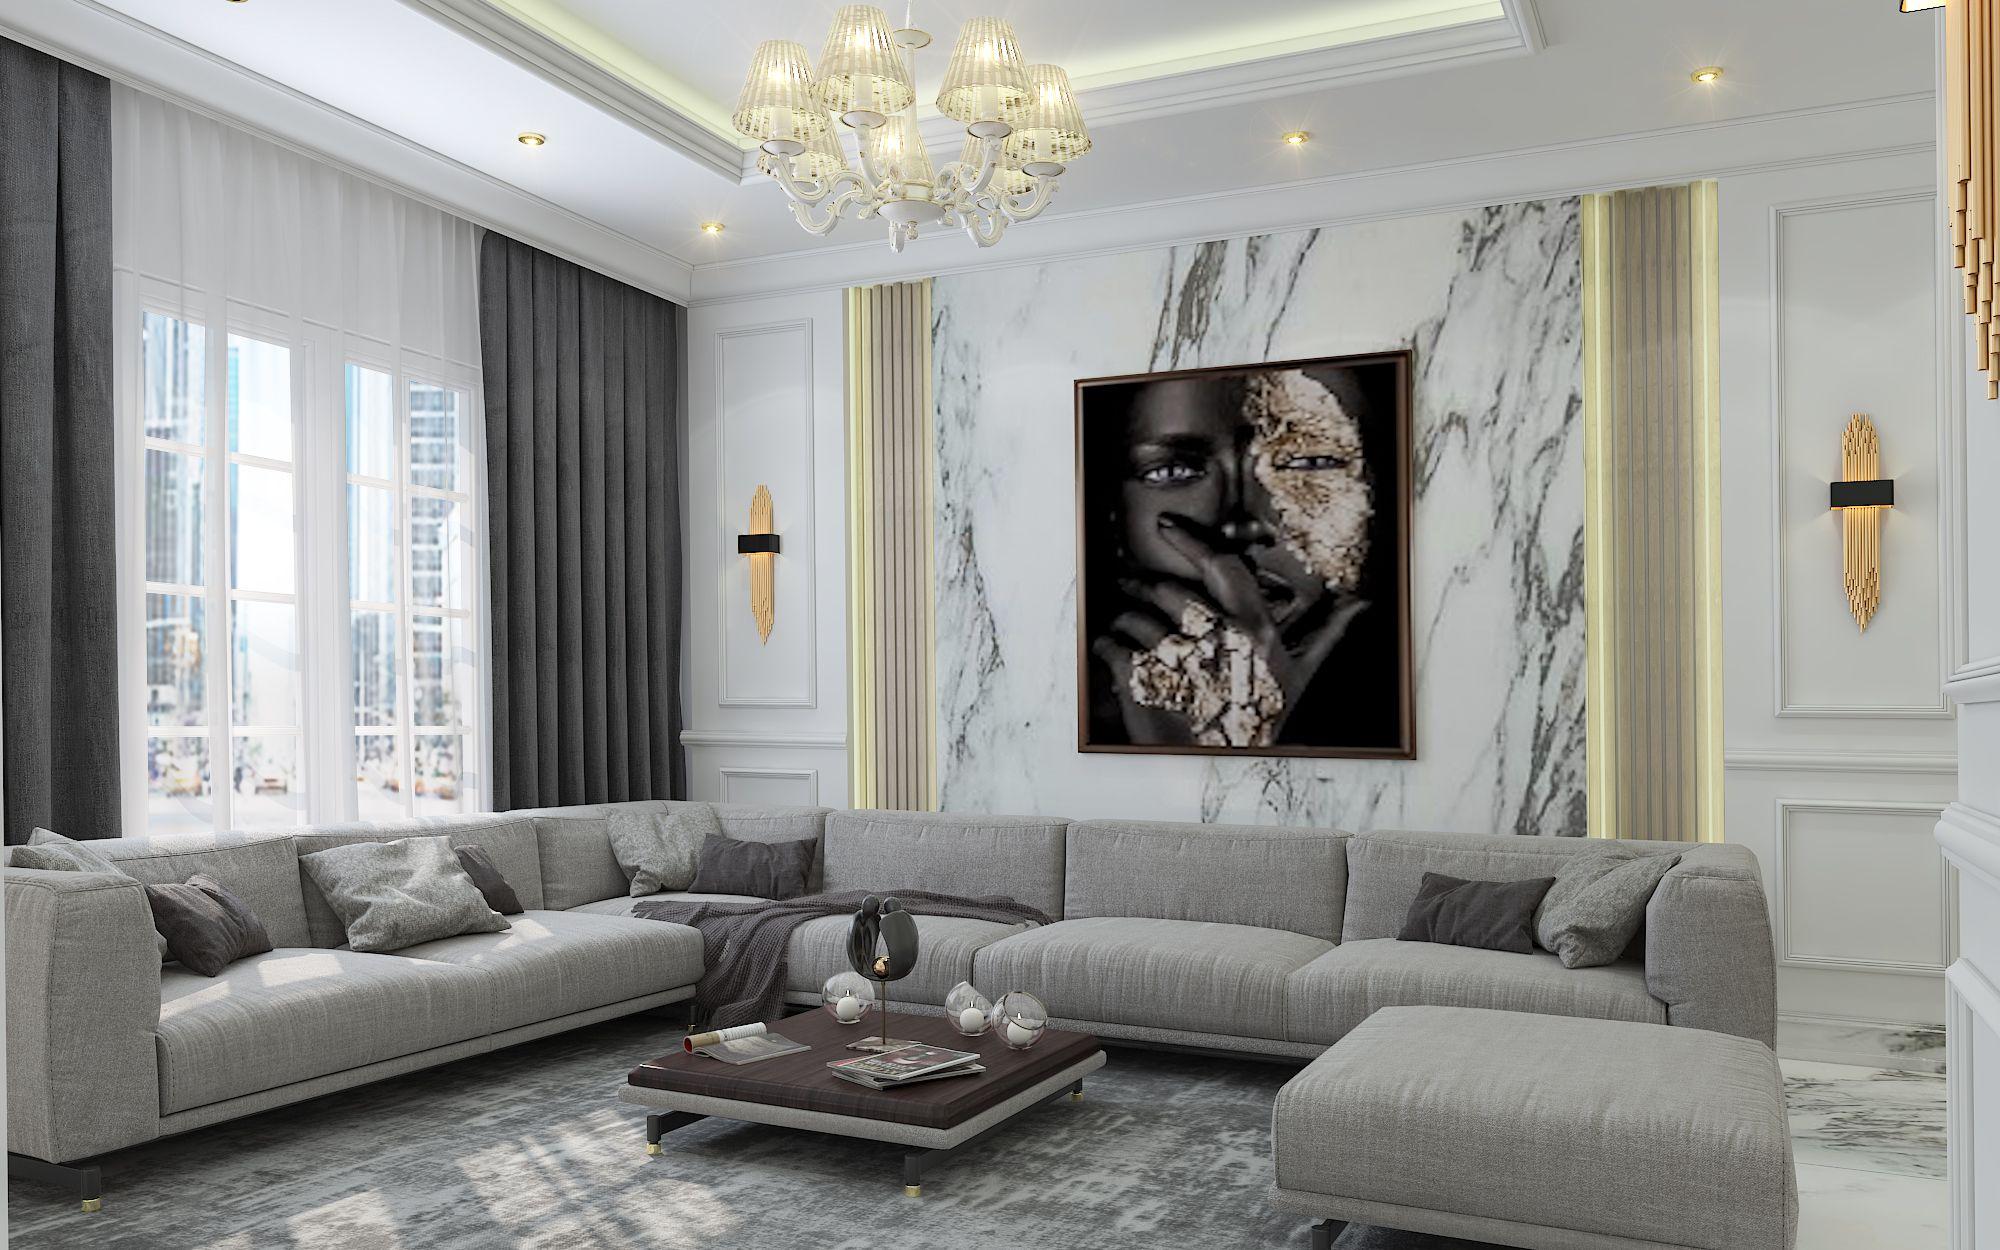 تصميم ديكور فلل سابك المطرفية Home Decor Interior Design Furniture